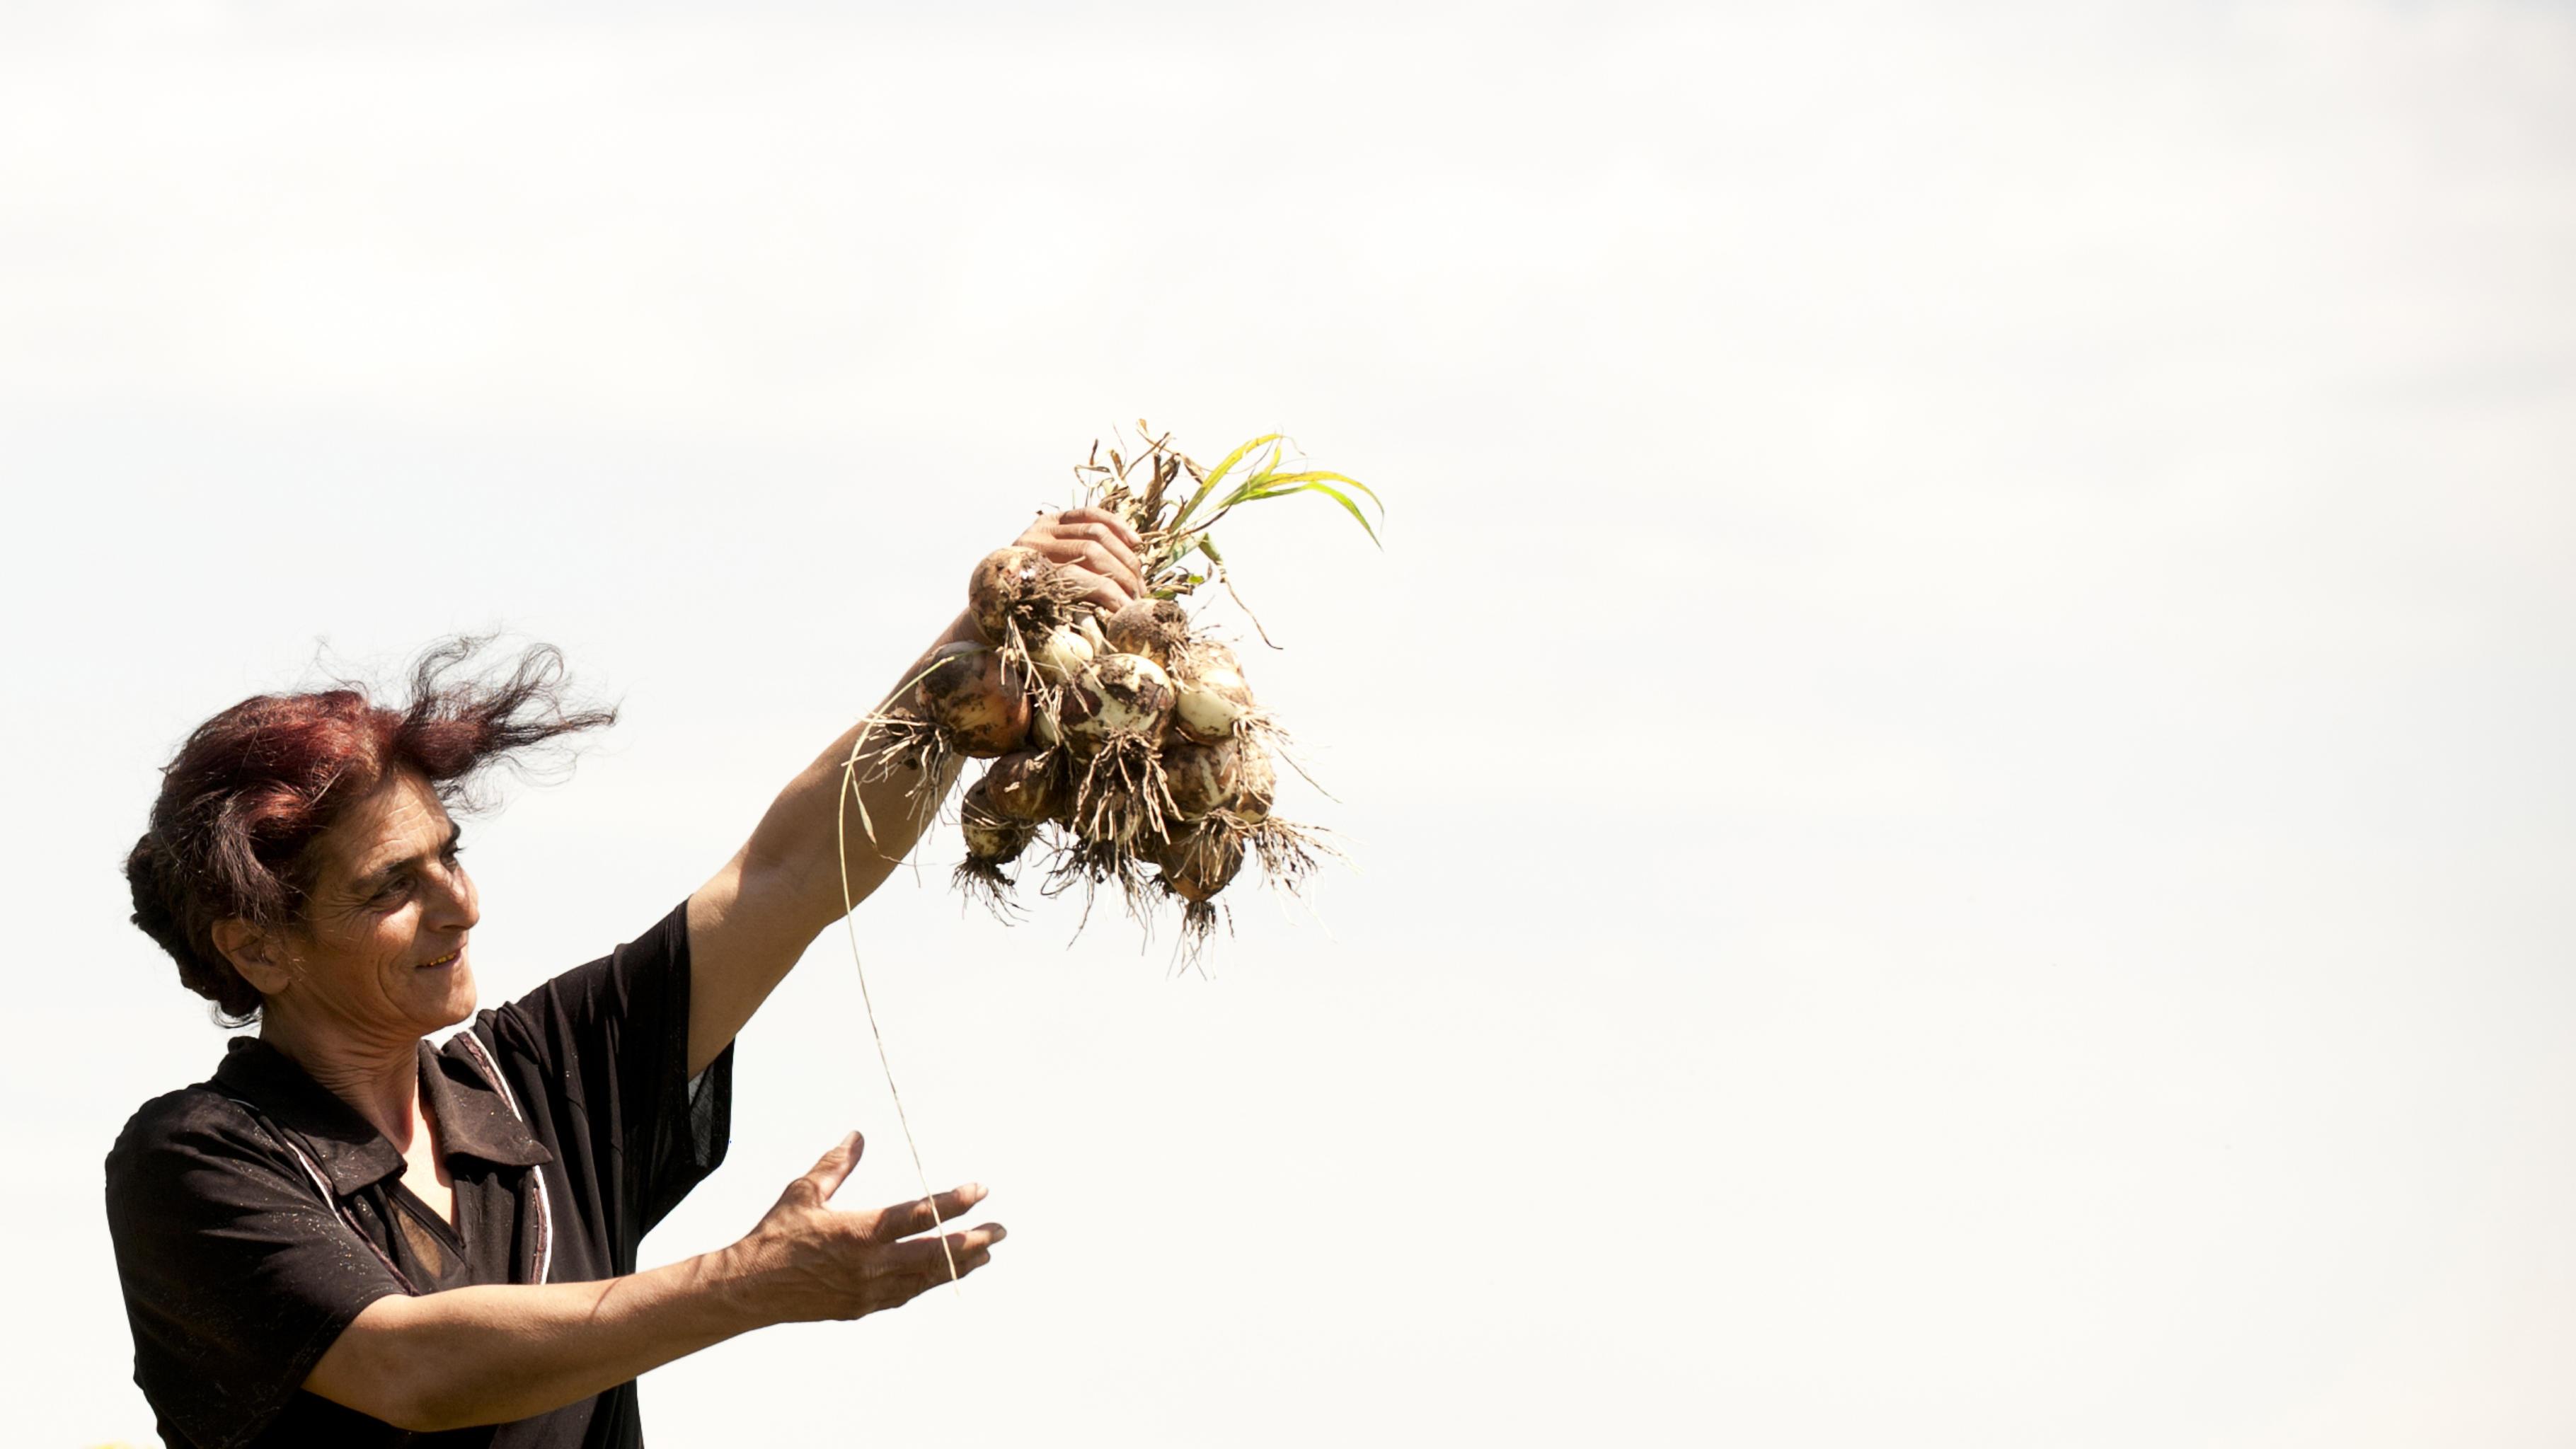 Eine Frau hält ein Bündel Zwiebeln in die Luft